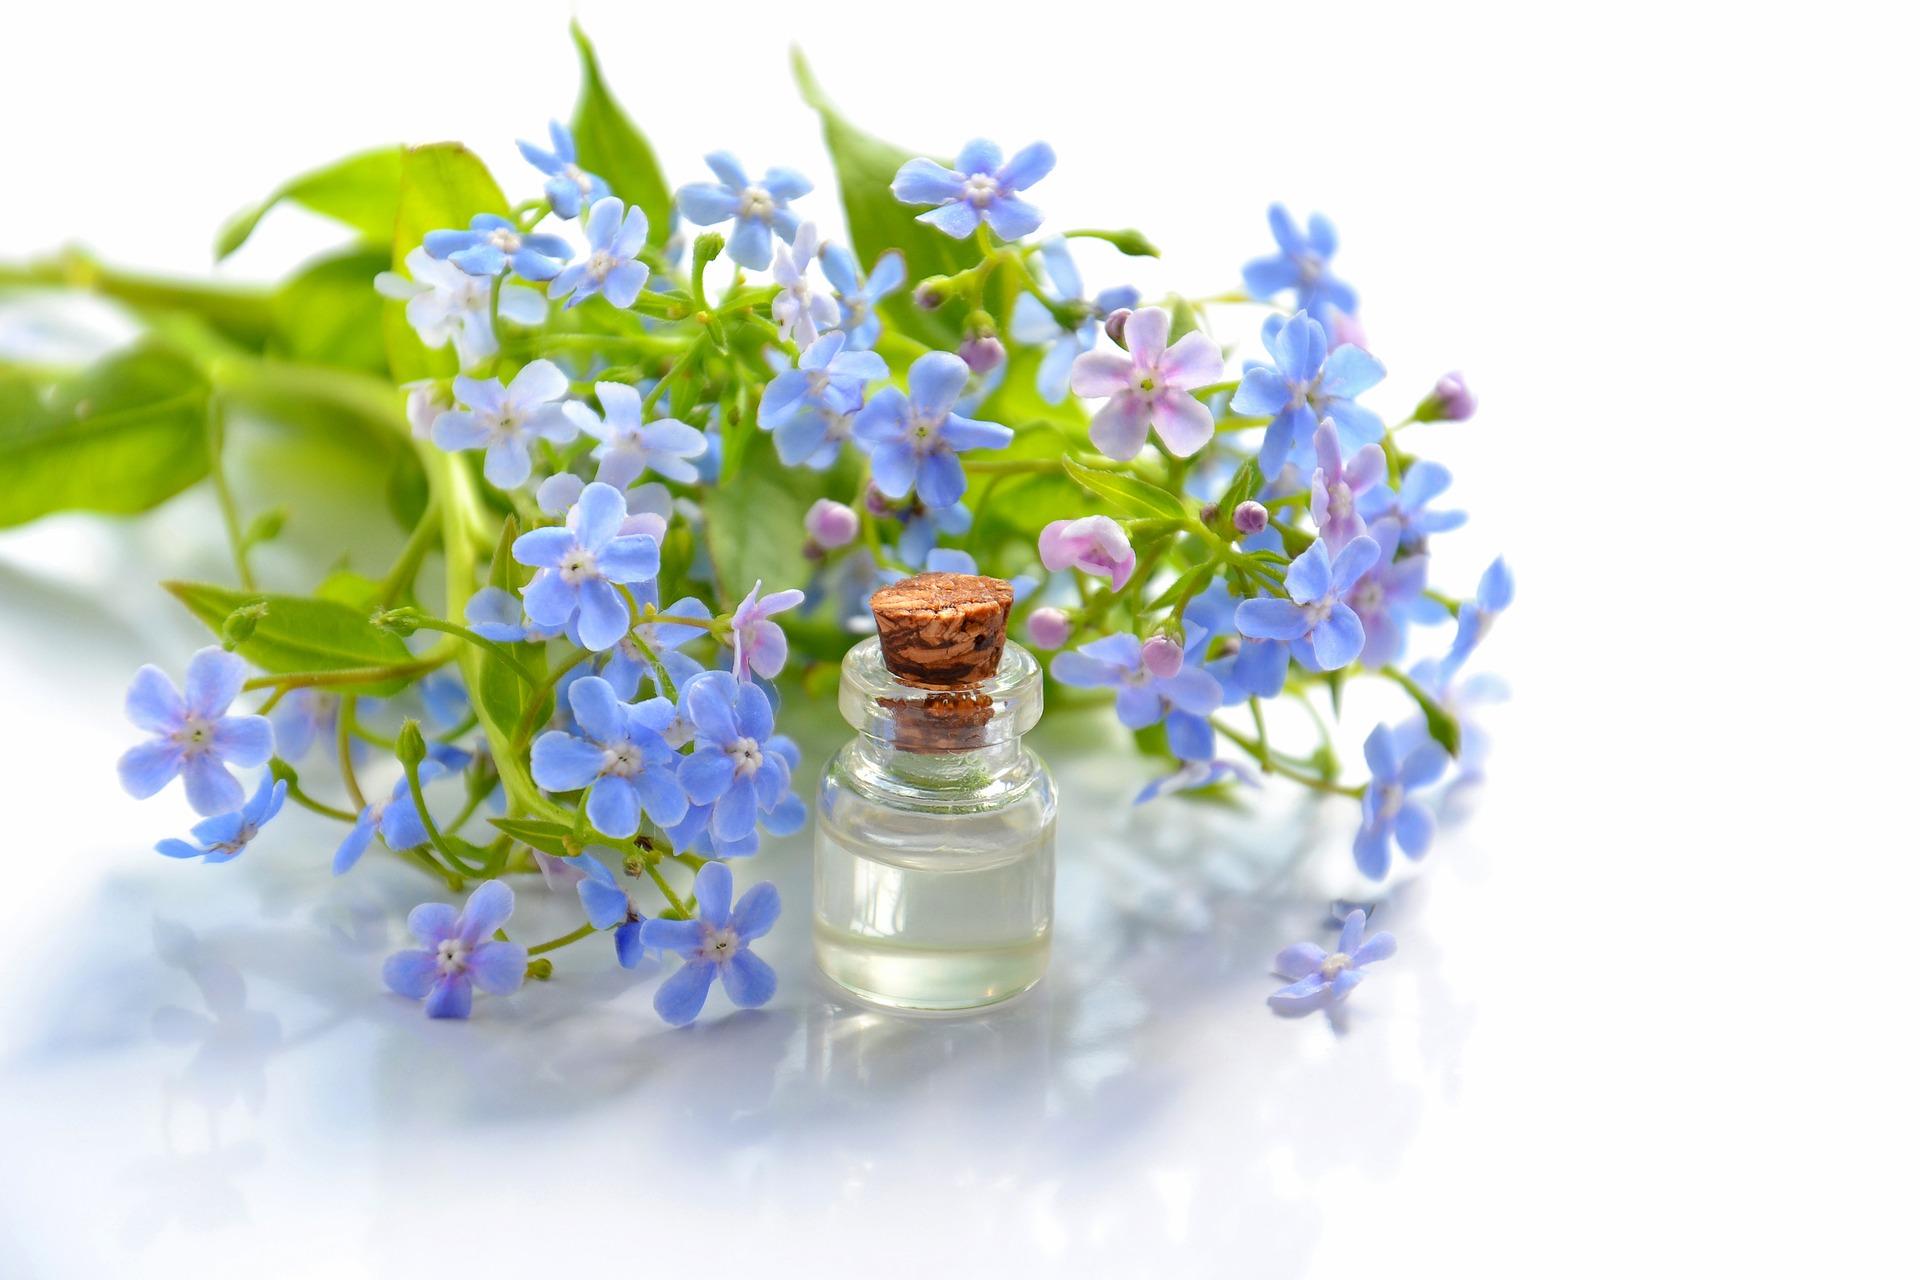 Kosmetyki naturalne: ciekawe marki i producenci – część 2